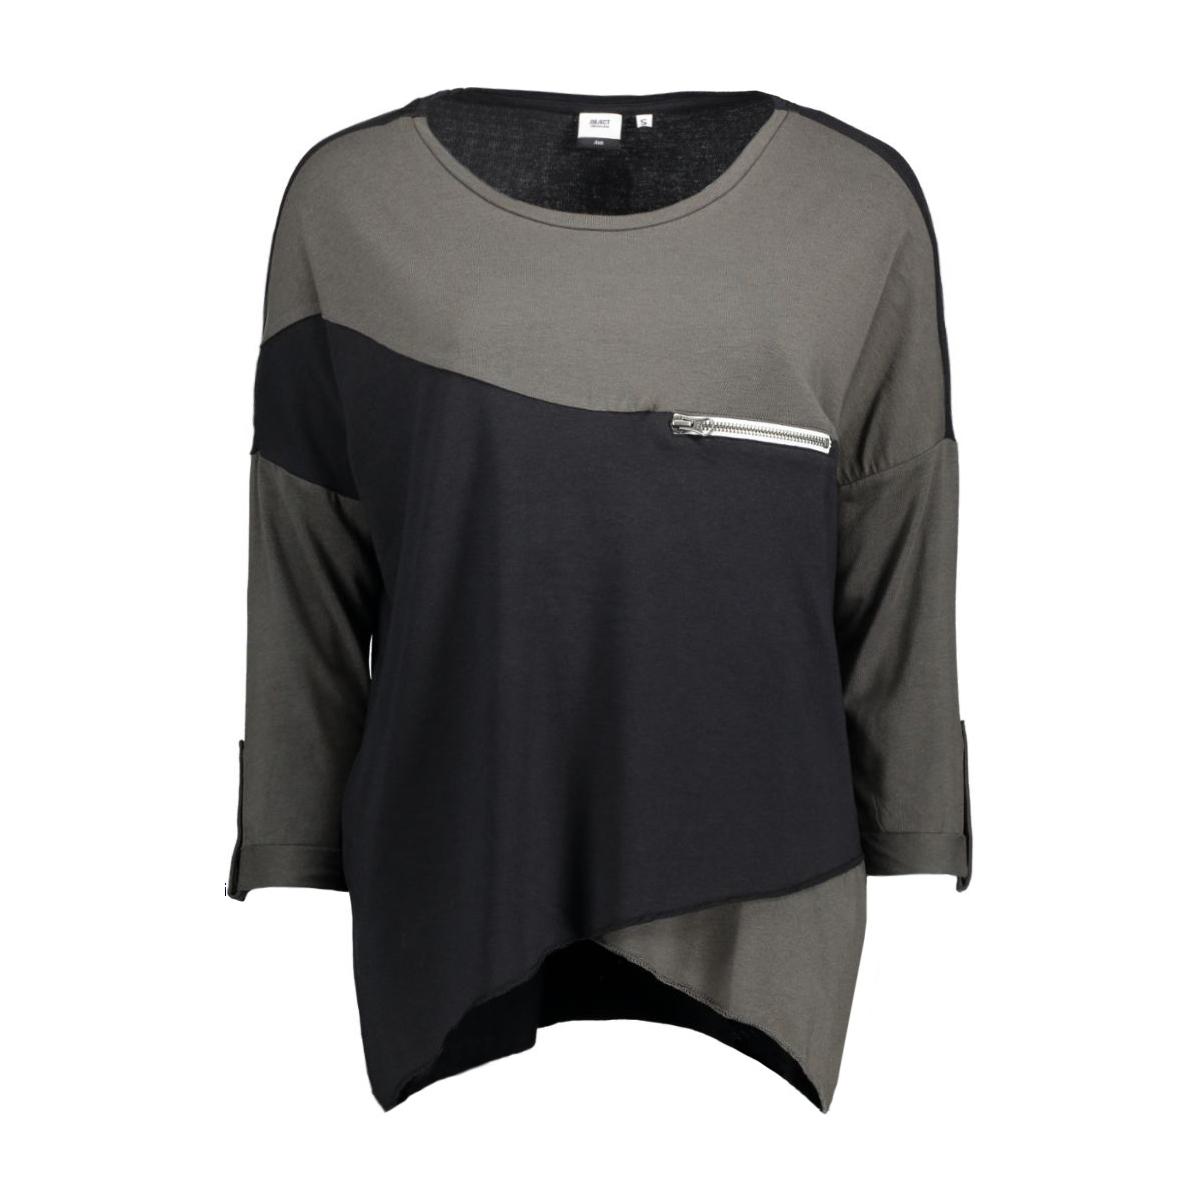 objkandie petti l/s top 23020676 object t-shirt beluga